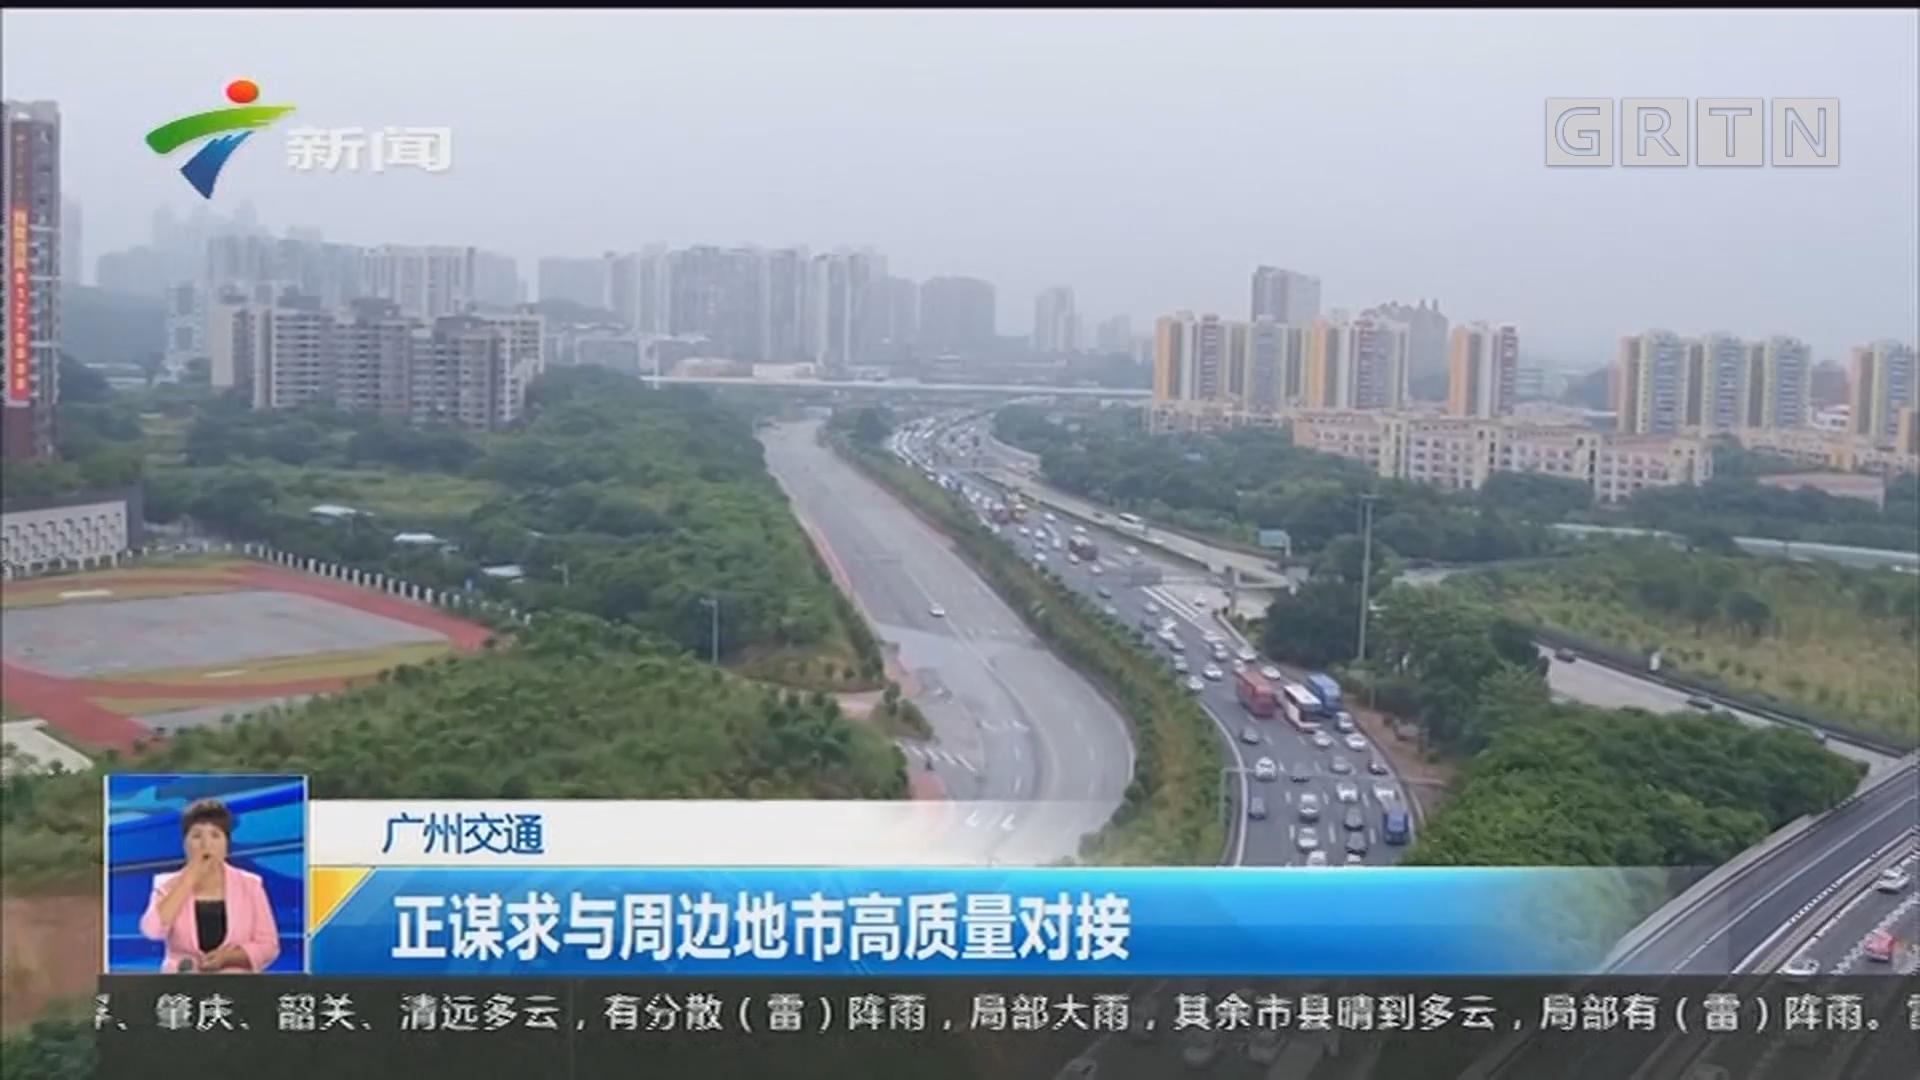 广州交通:正谋求与周边地市高质量对接